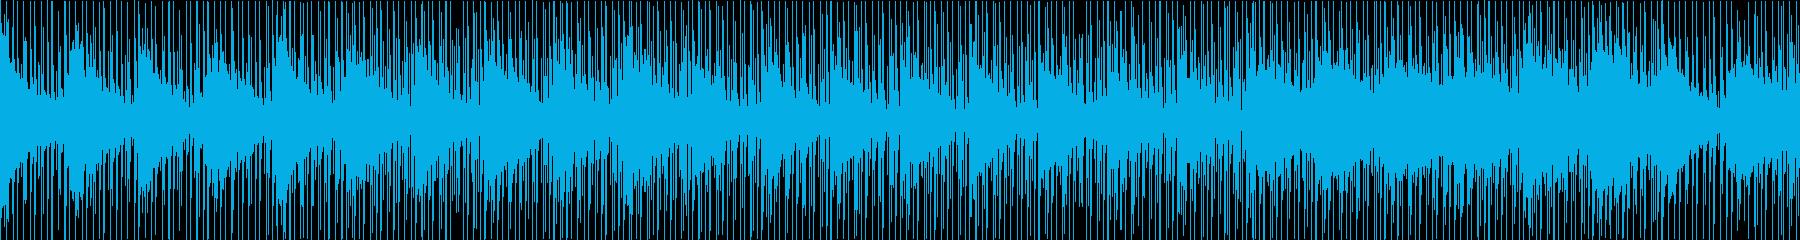 ドキュメンタリーなインスト(ループ)の再生済みの波形